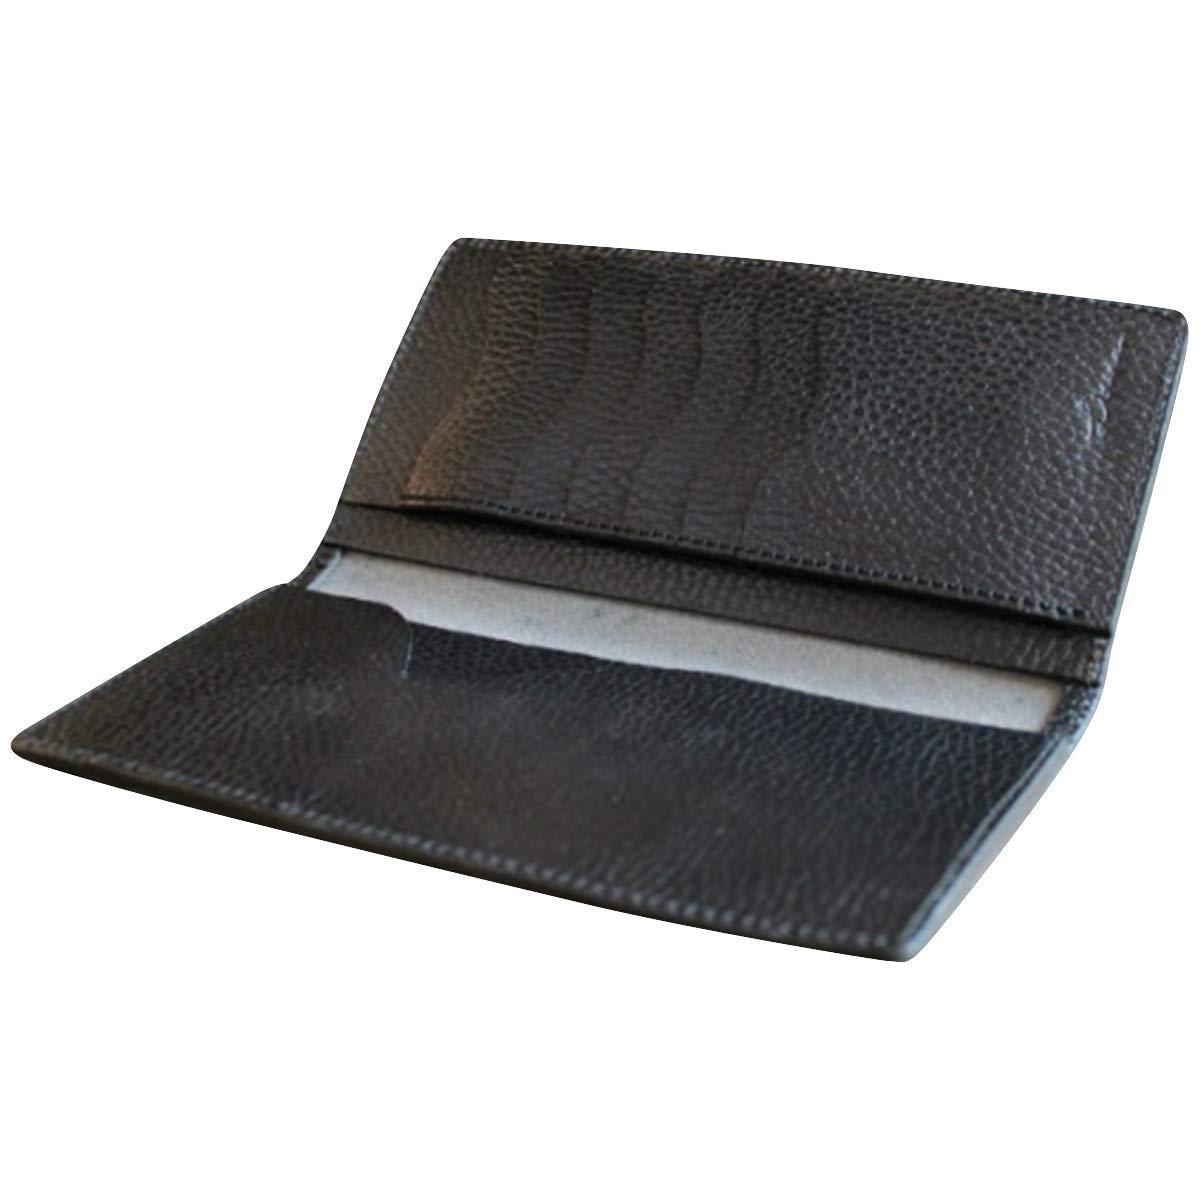 【クーポンあり】LITSTA リティスタ Bill Case Black ブラック | ビルケース 束入れ 札入れ 長財布 薄い 極薄 イタリアンレザー dollaro ドラーロ メンズ レディース 人気 おすすめ おしゃれ かわいい プレゼント 日本製